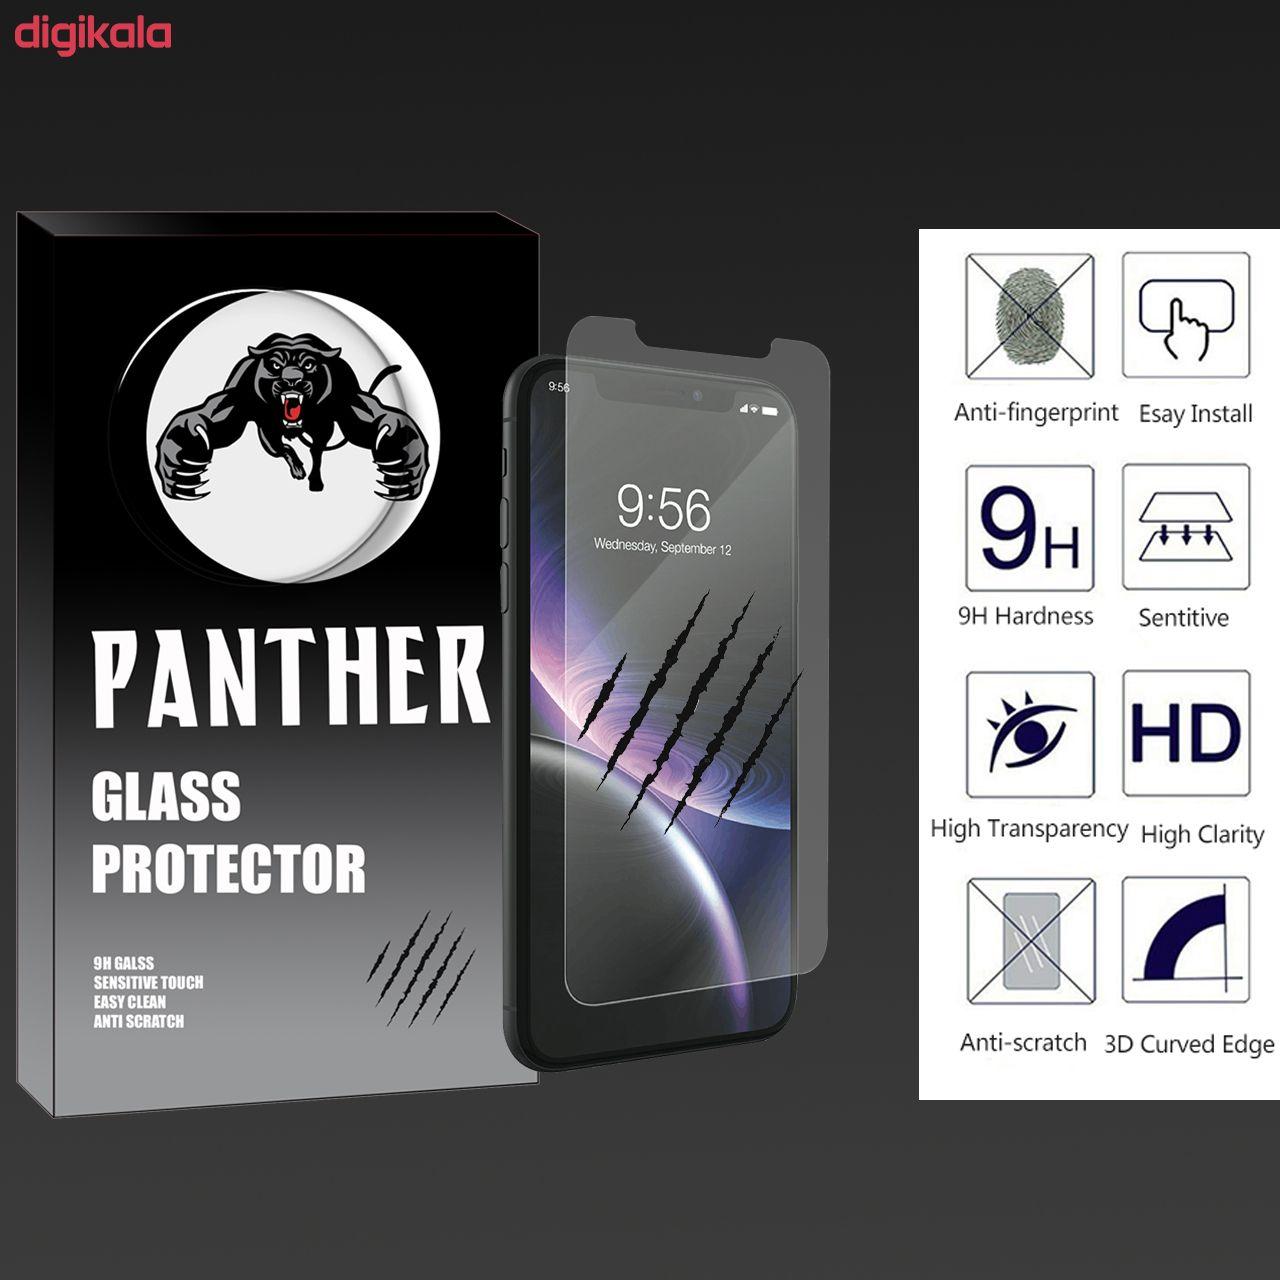 محافظ صفحه نمایش پنتر مدل SDP-099 مناسب برای گوشی موبایل سامسونگ Galaxy A10S main 1 2